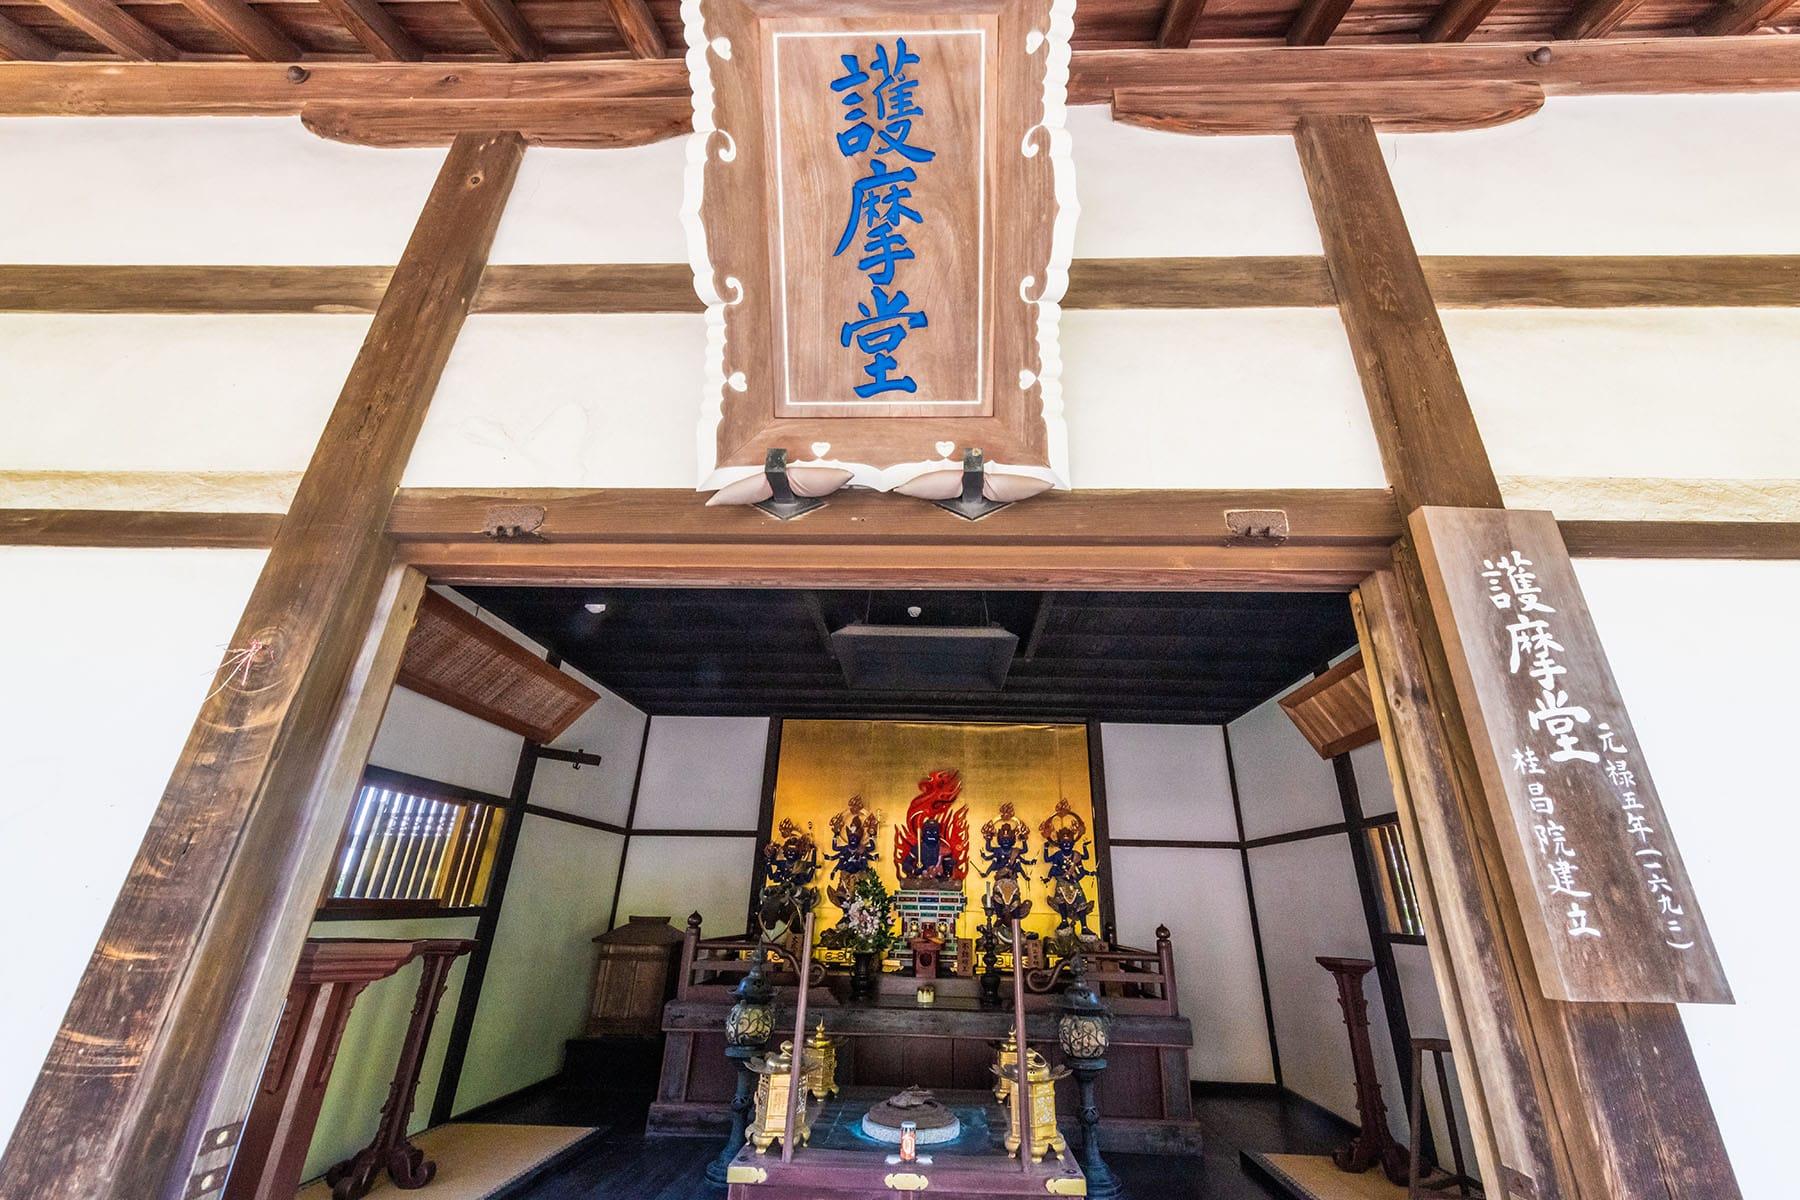 西国札所 第20番【西山・善峯寺】 | フォトさいたま